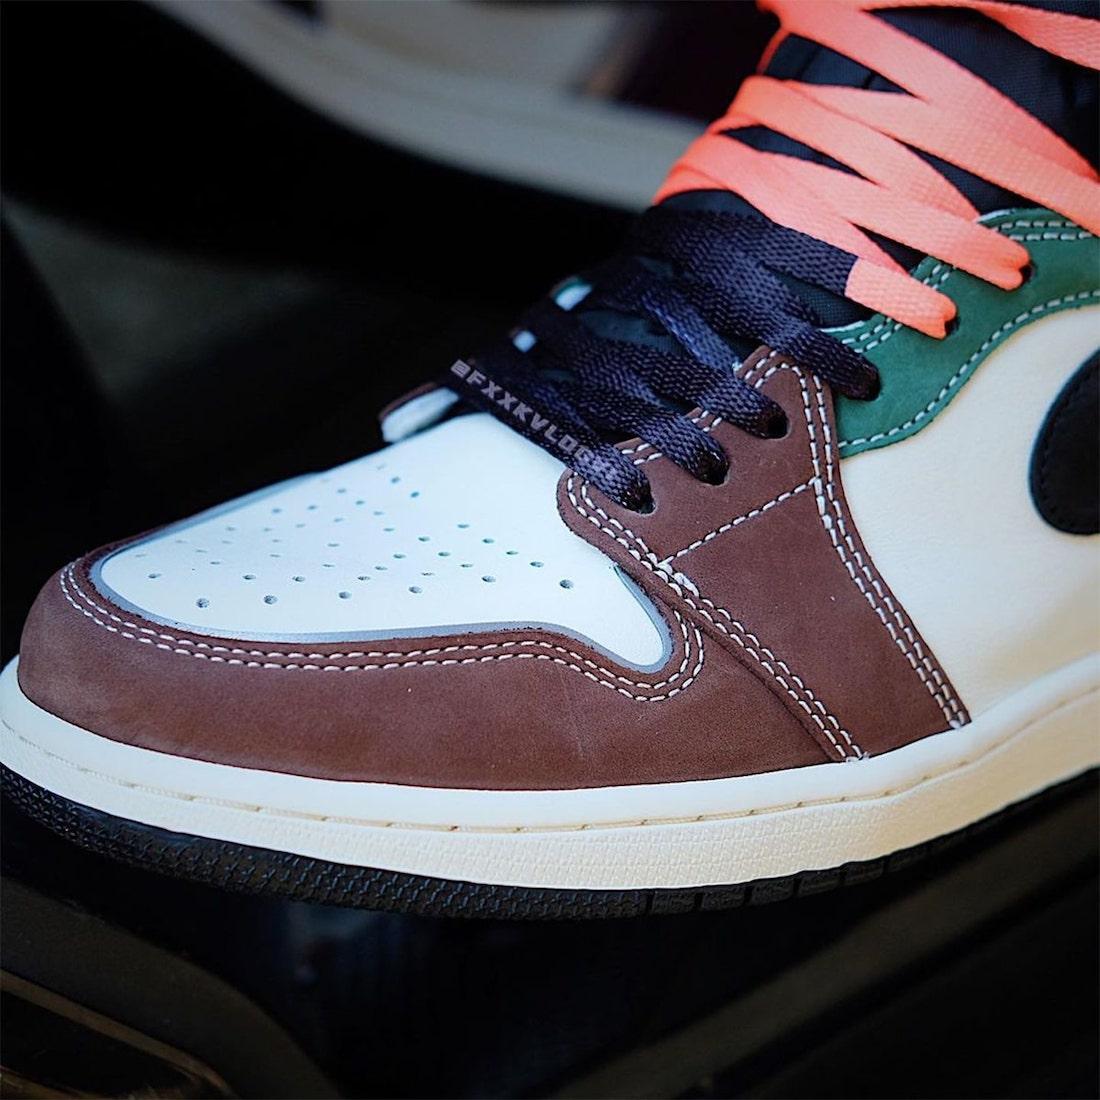 """ナイキ エア ジョーダン 1 ハイ OG """"ハンドクラフティッド"""" Nike-Air-Jordan-1-High-OG-Hand-Crafted-DH3097-001-look-4"""